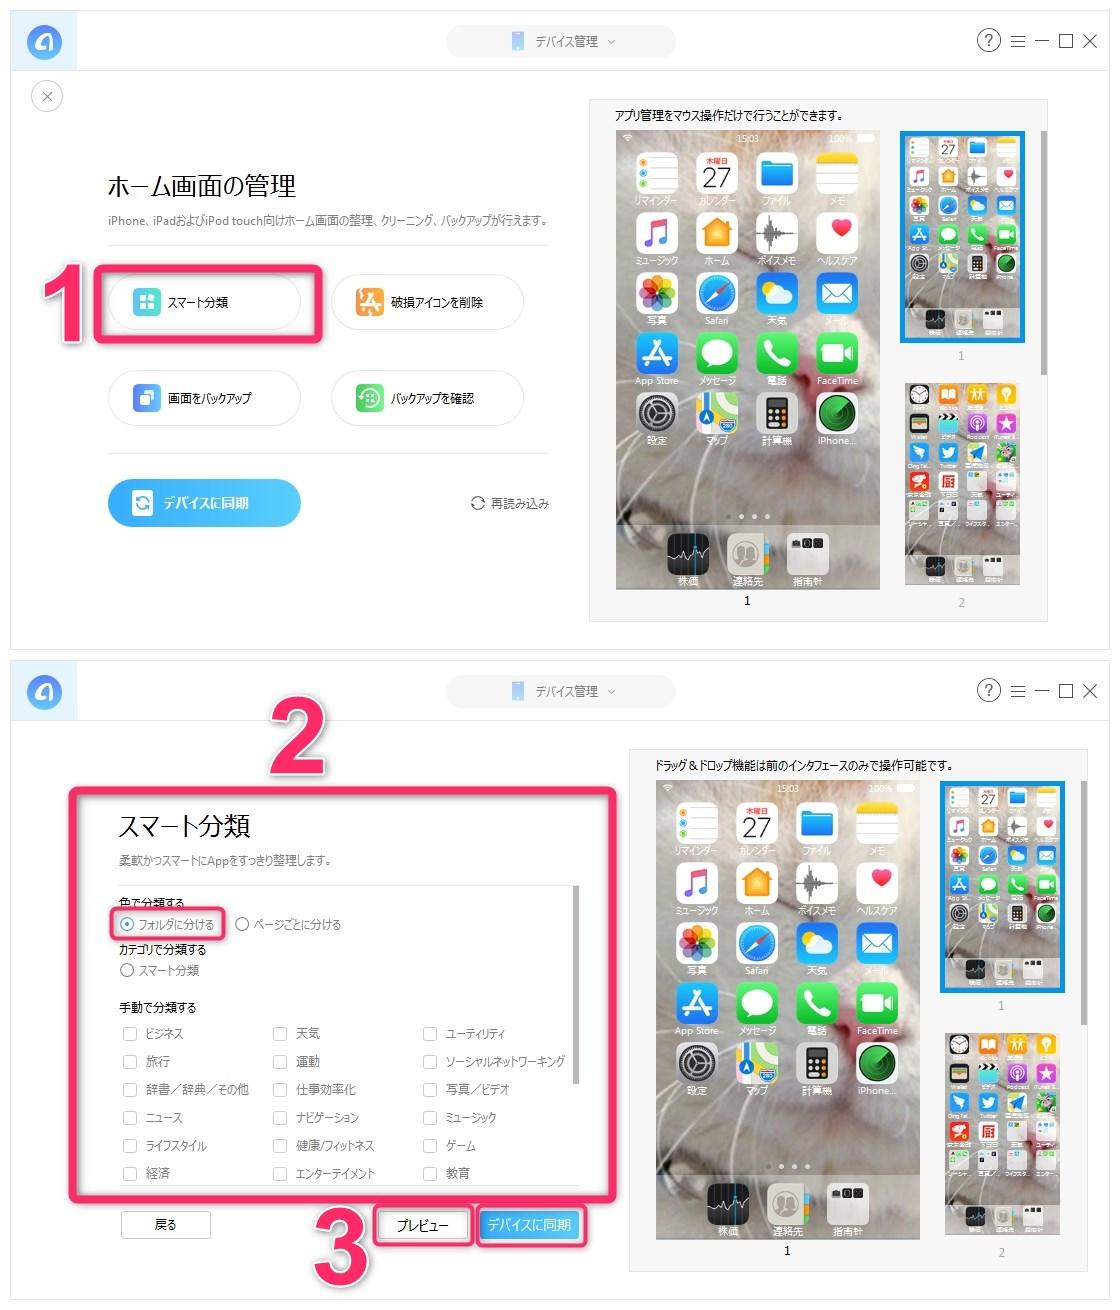 完全-iPhoneホーム画面の復元/整理/ページの減らし方について